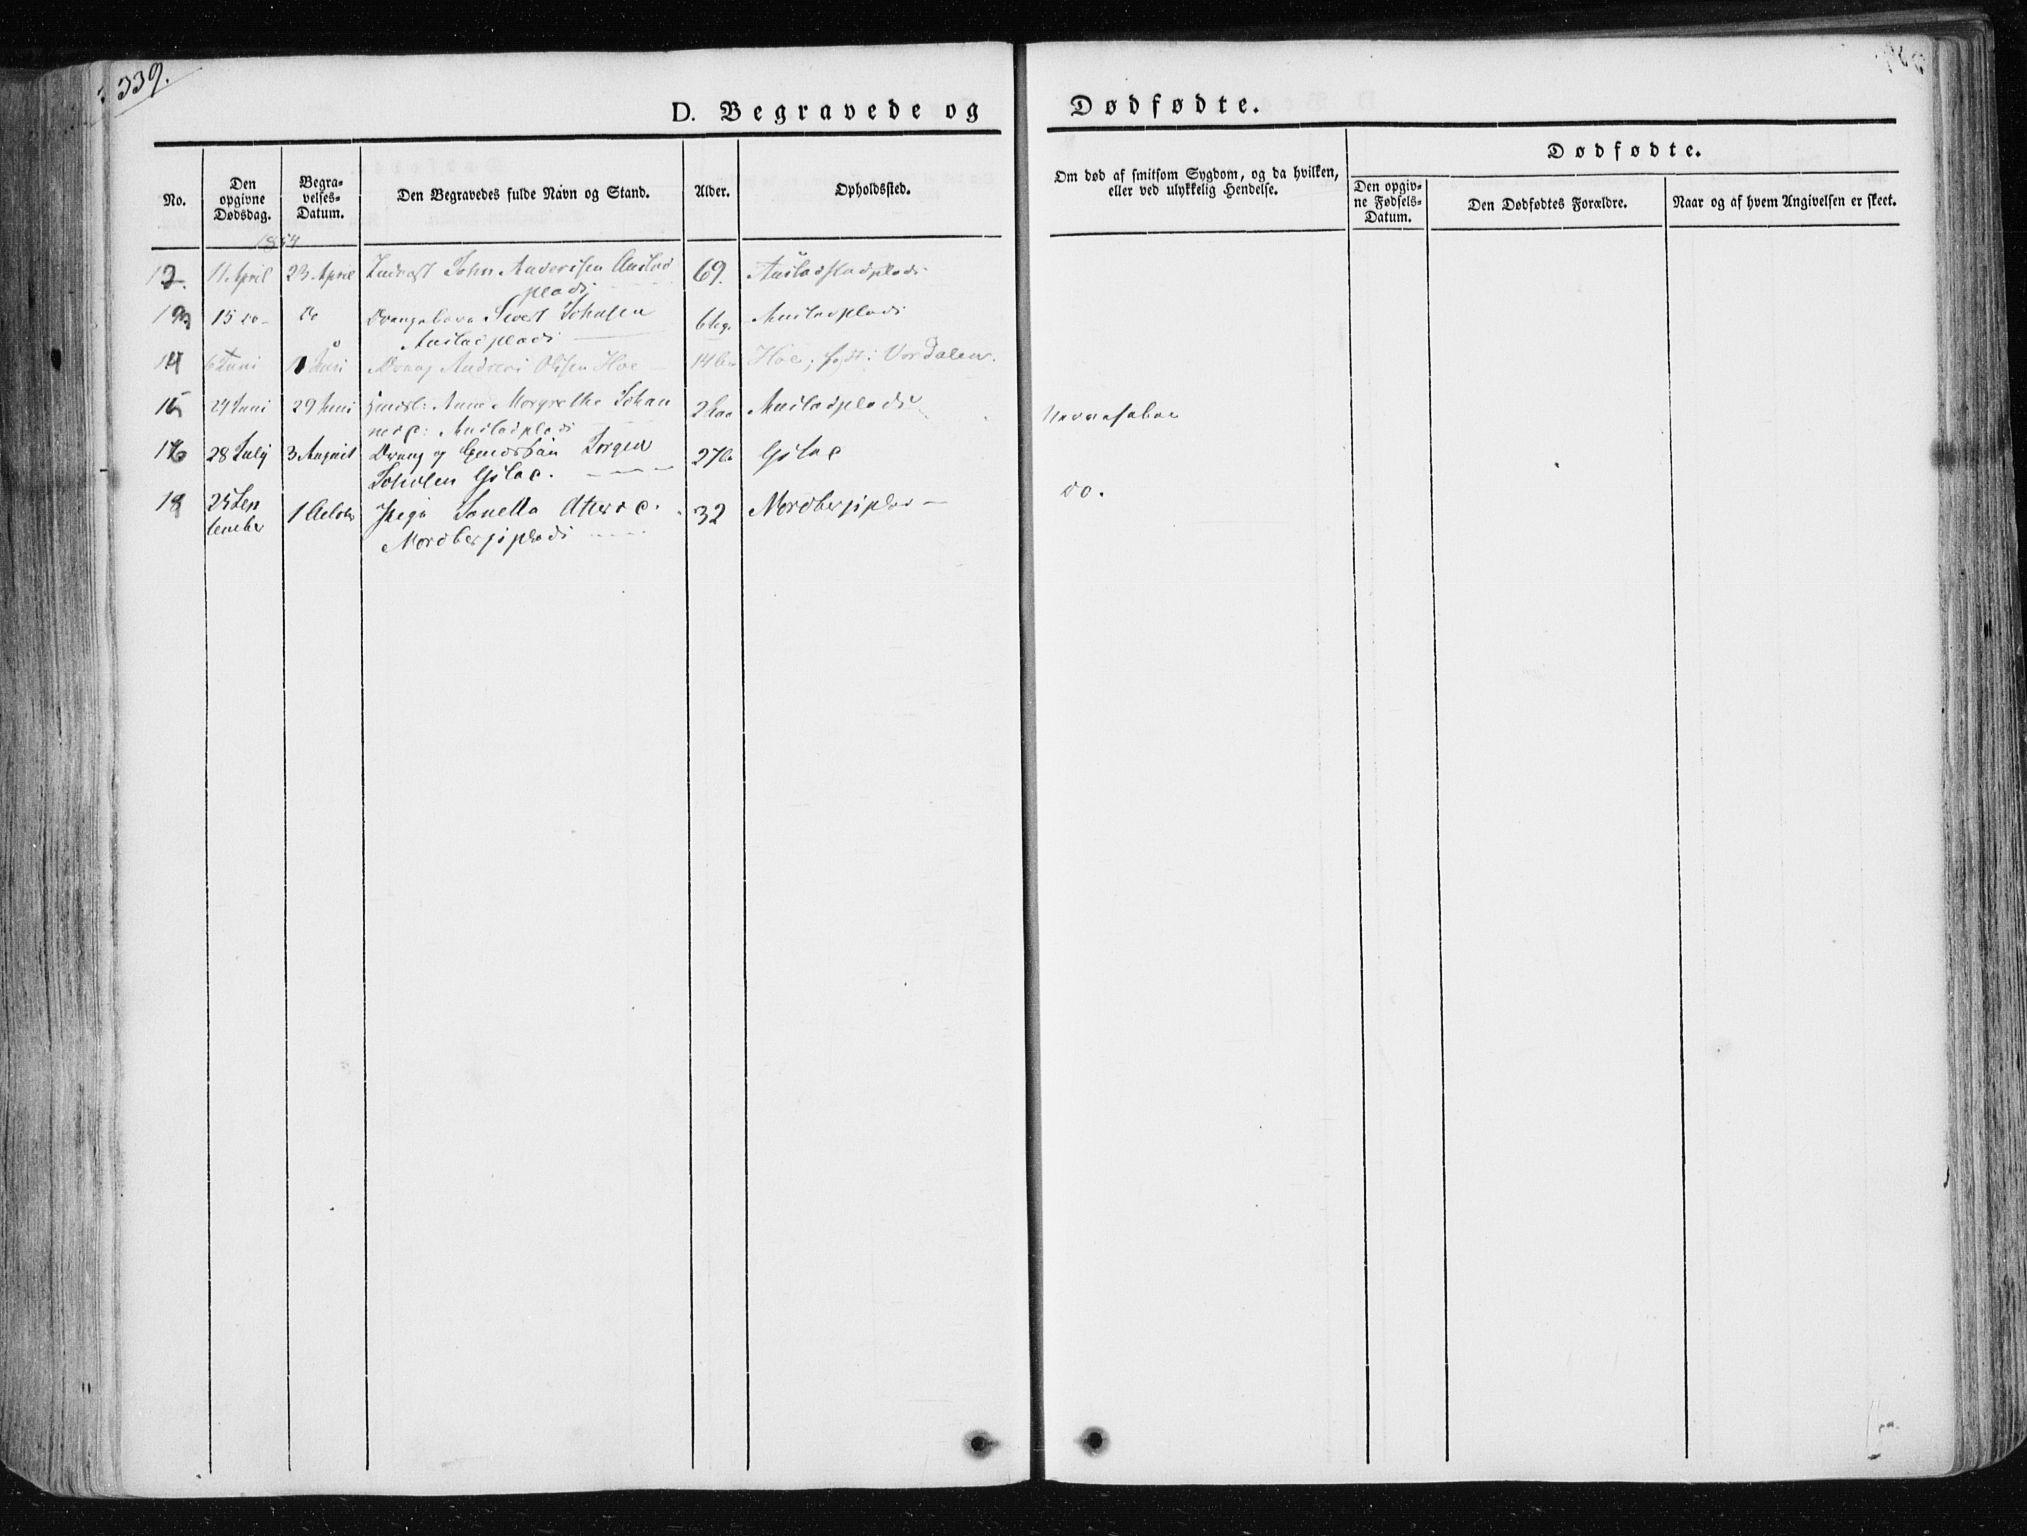 SAT, Ministerialprotokoller, klokkerbøker og fødselsregistre - Nord-Trøndelag, 730/L0280: Ministerialbok nr. 730A07 /2, 1840-1854, s. 329